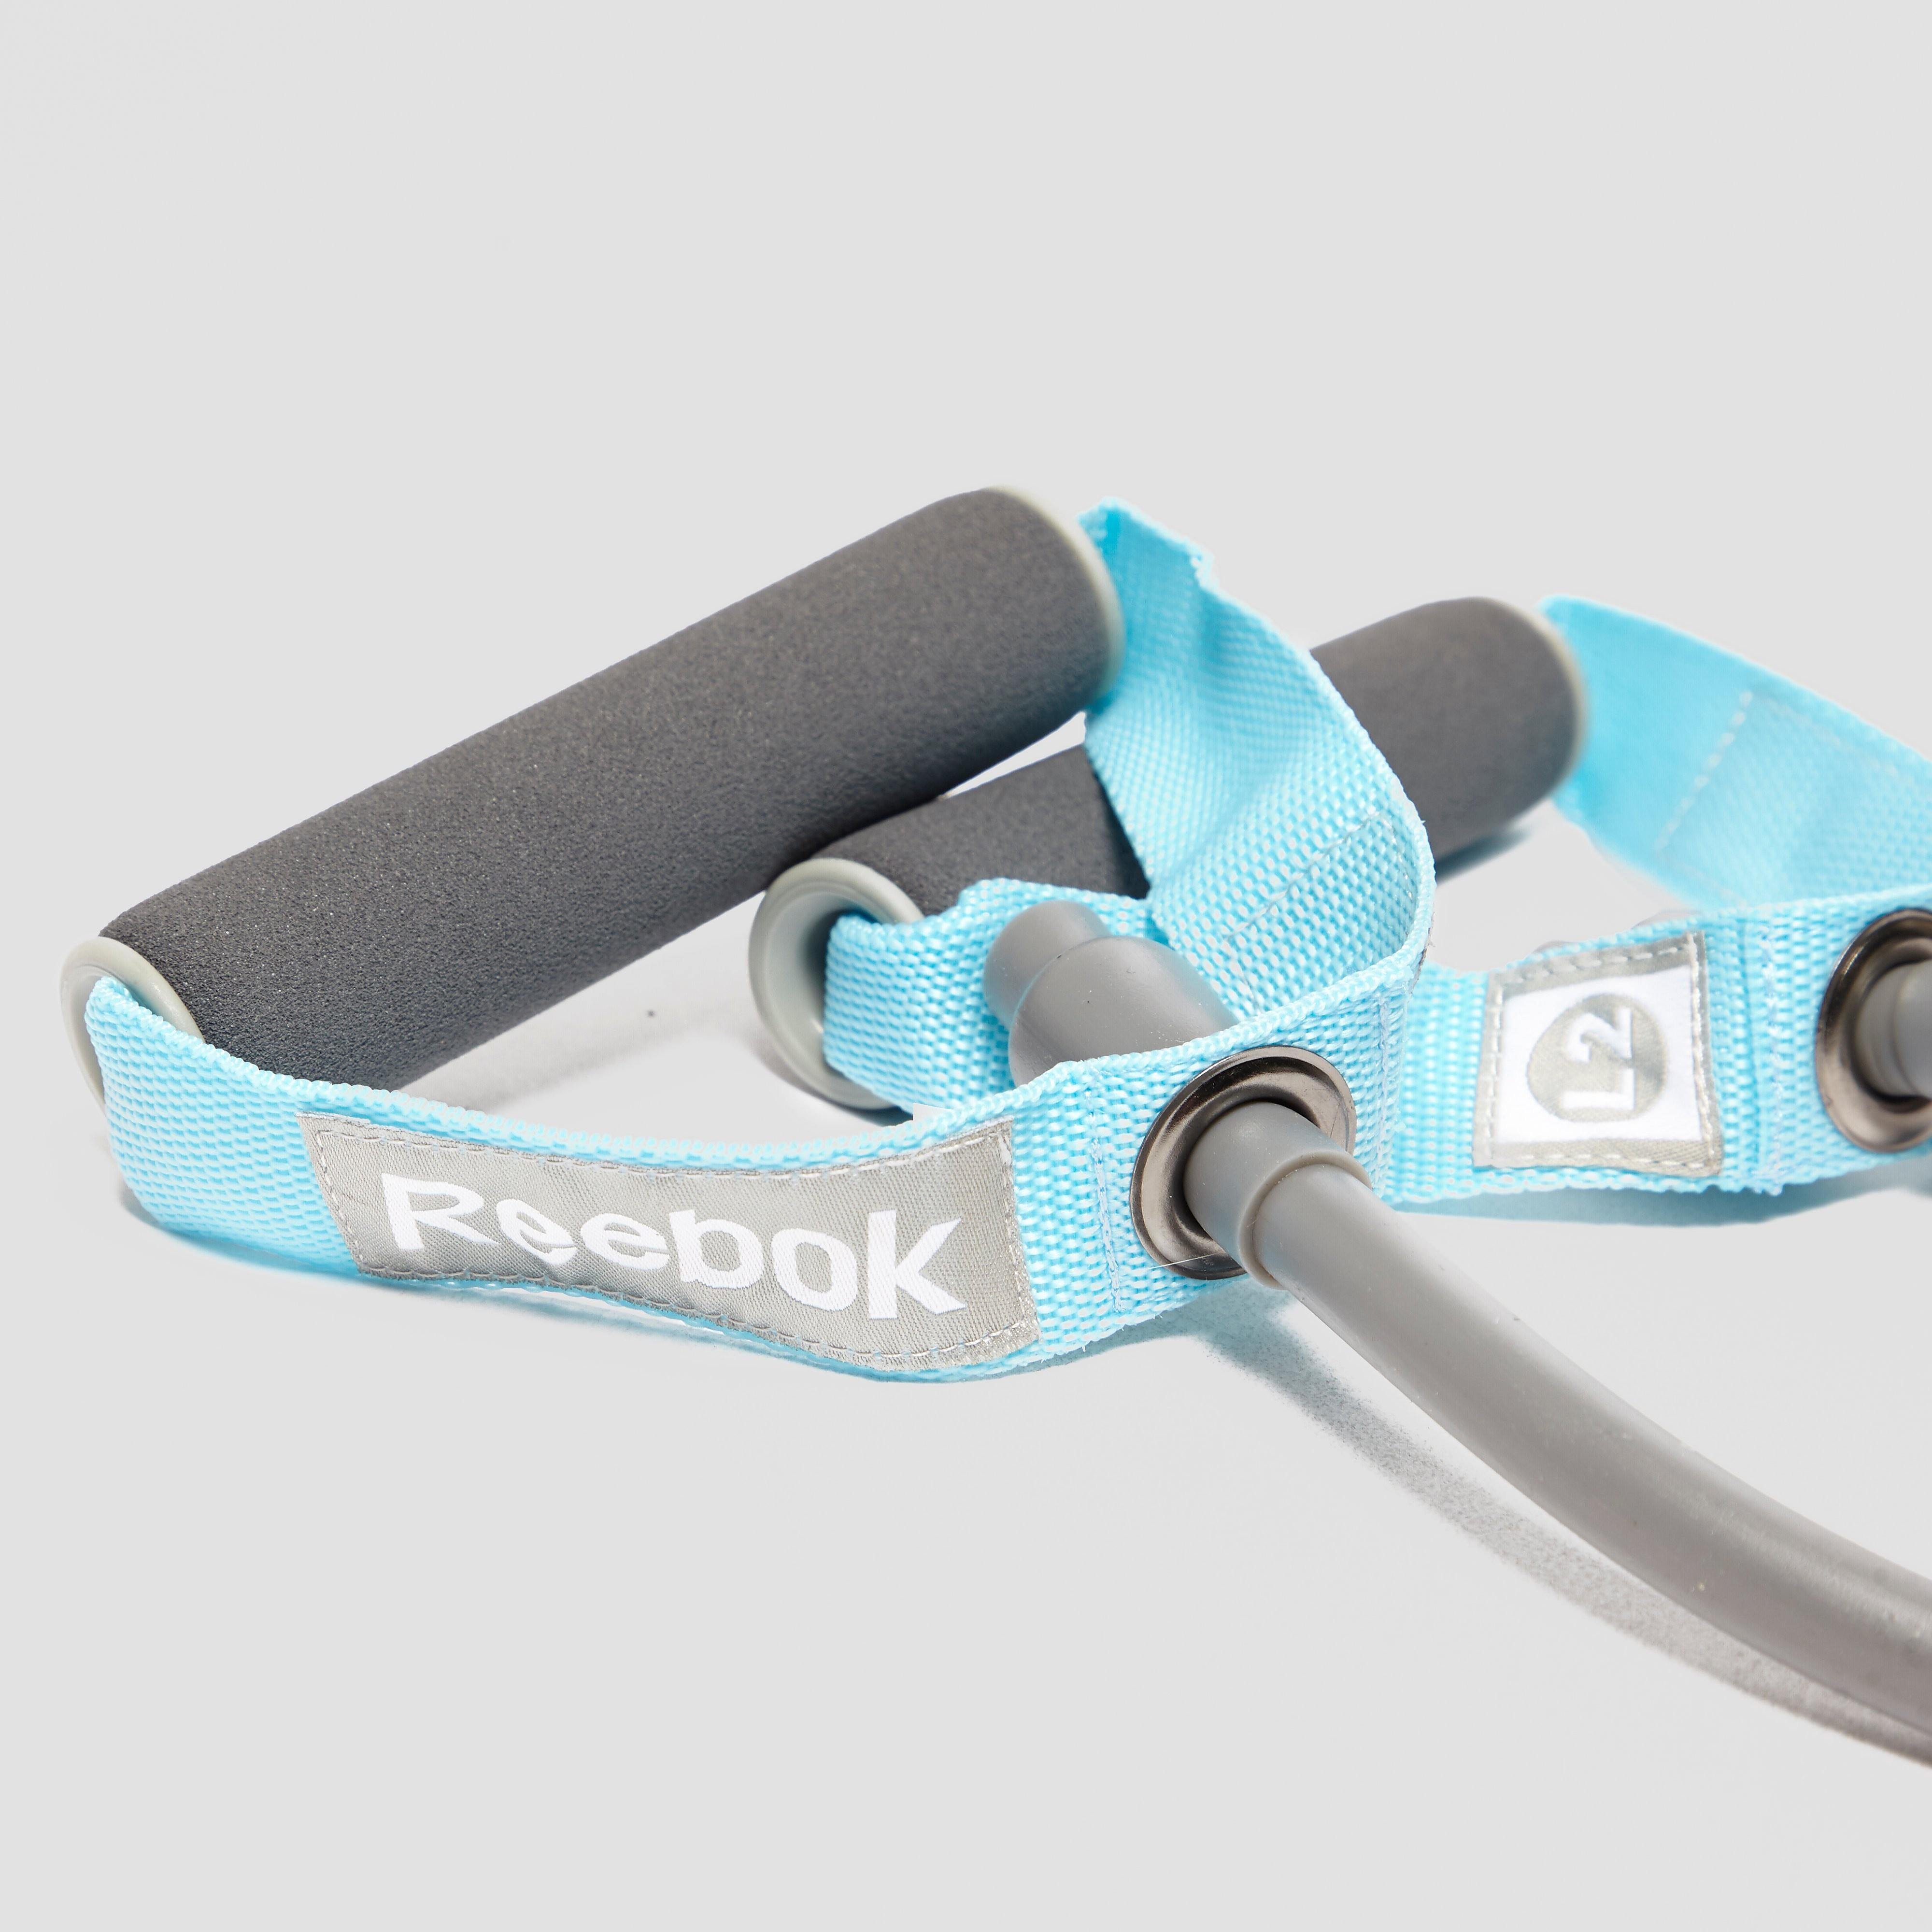 Reebok Resistance Tube - Medium